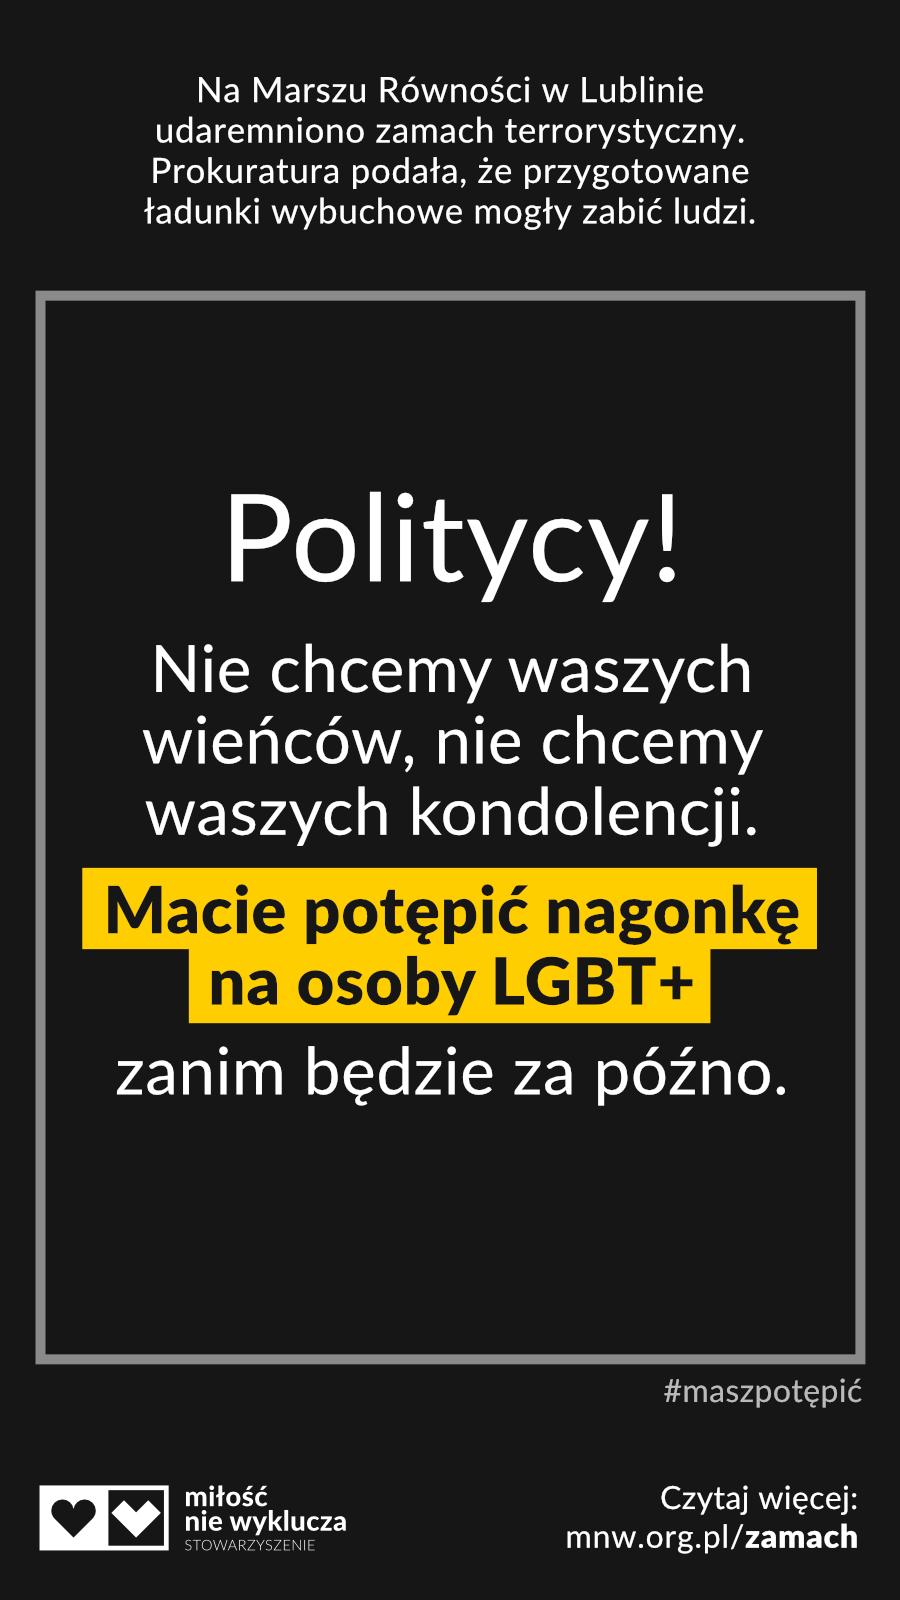 #maszpotepic zamach bombowy na LGBT+ w Lublinie